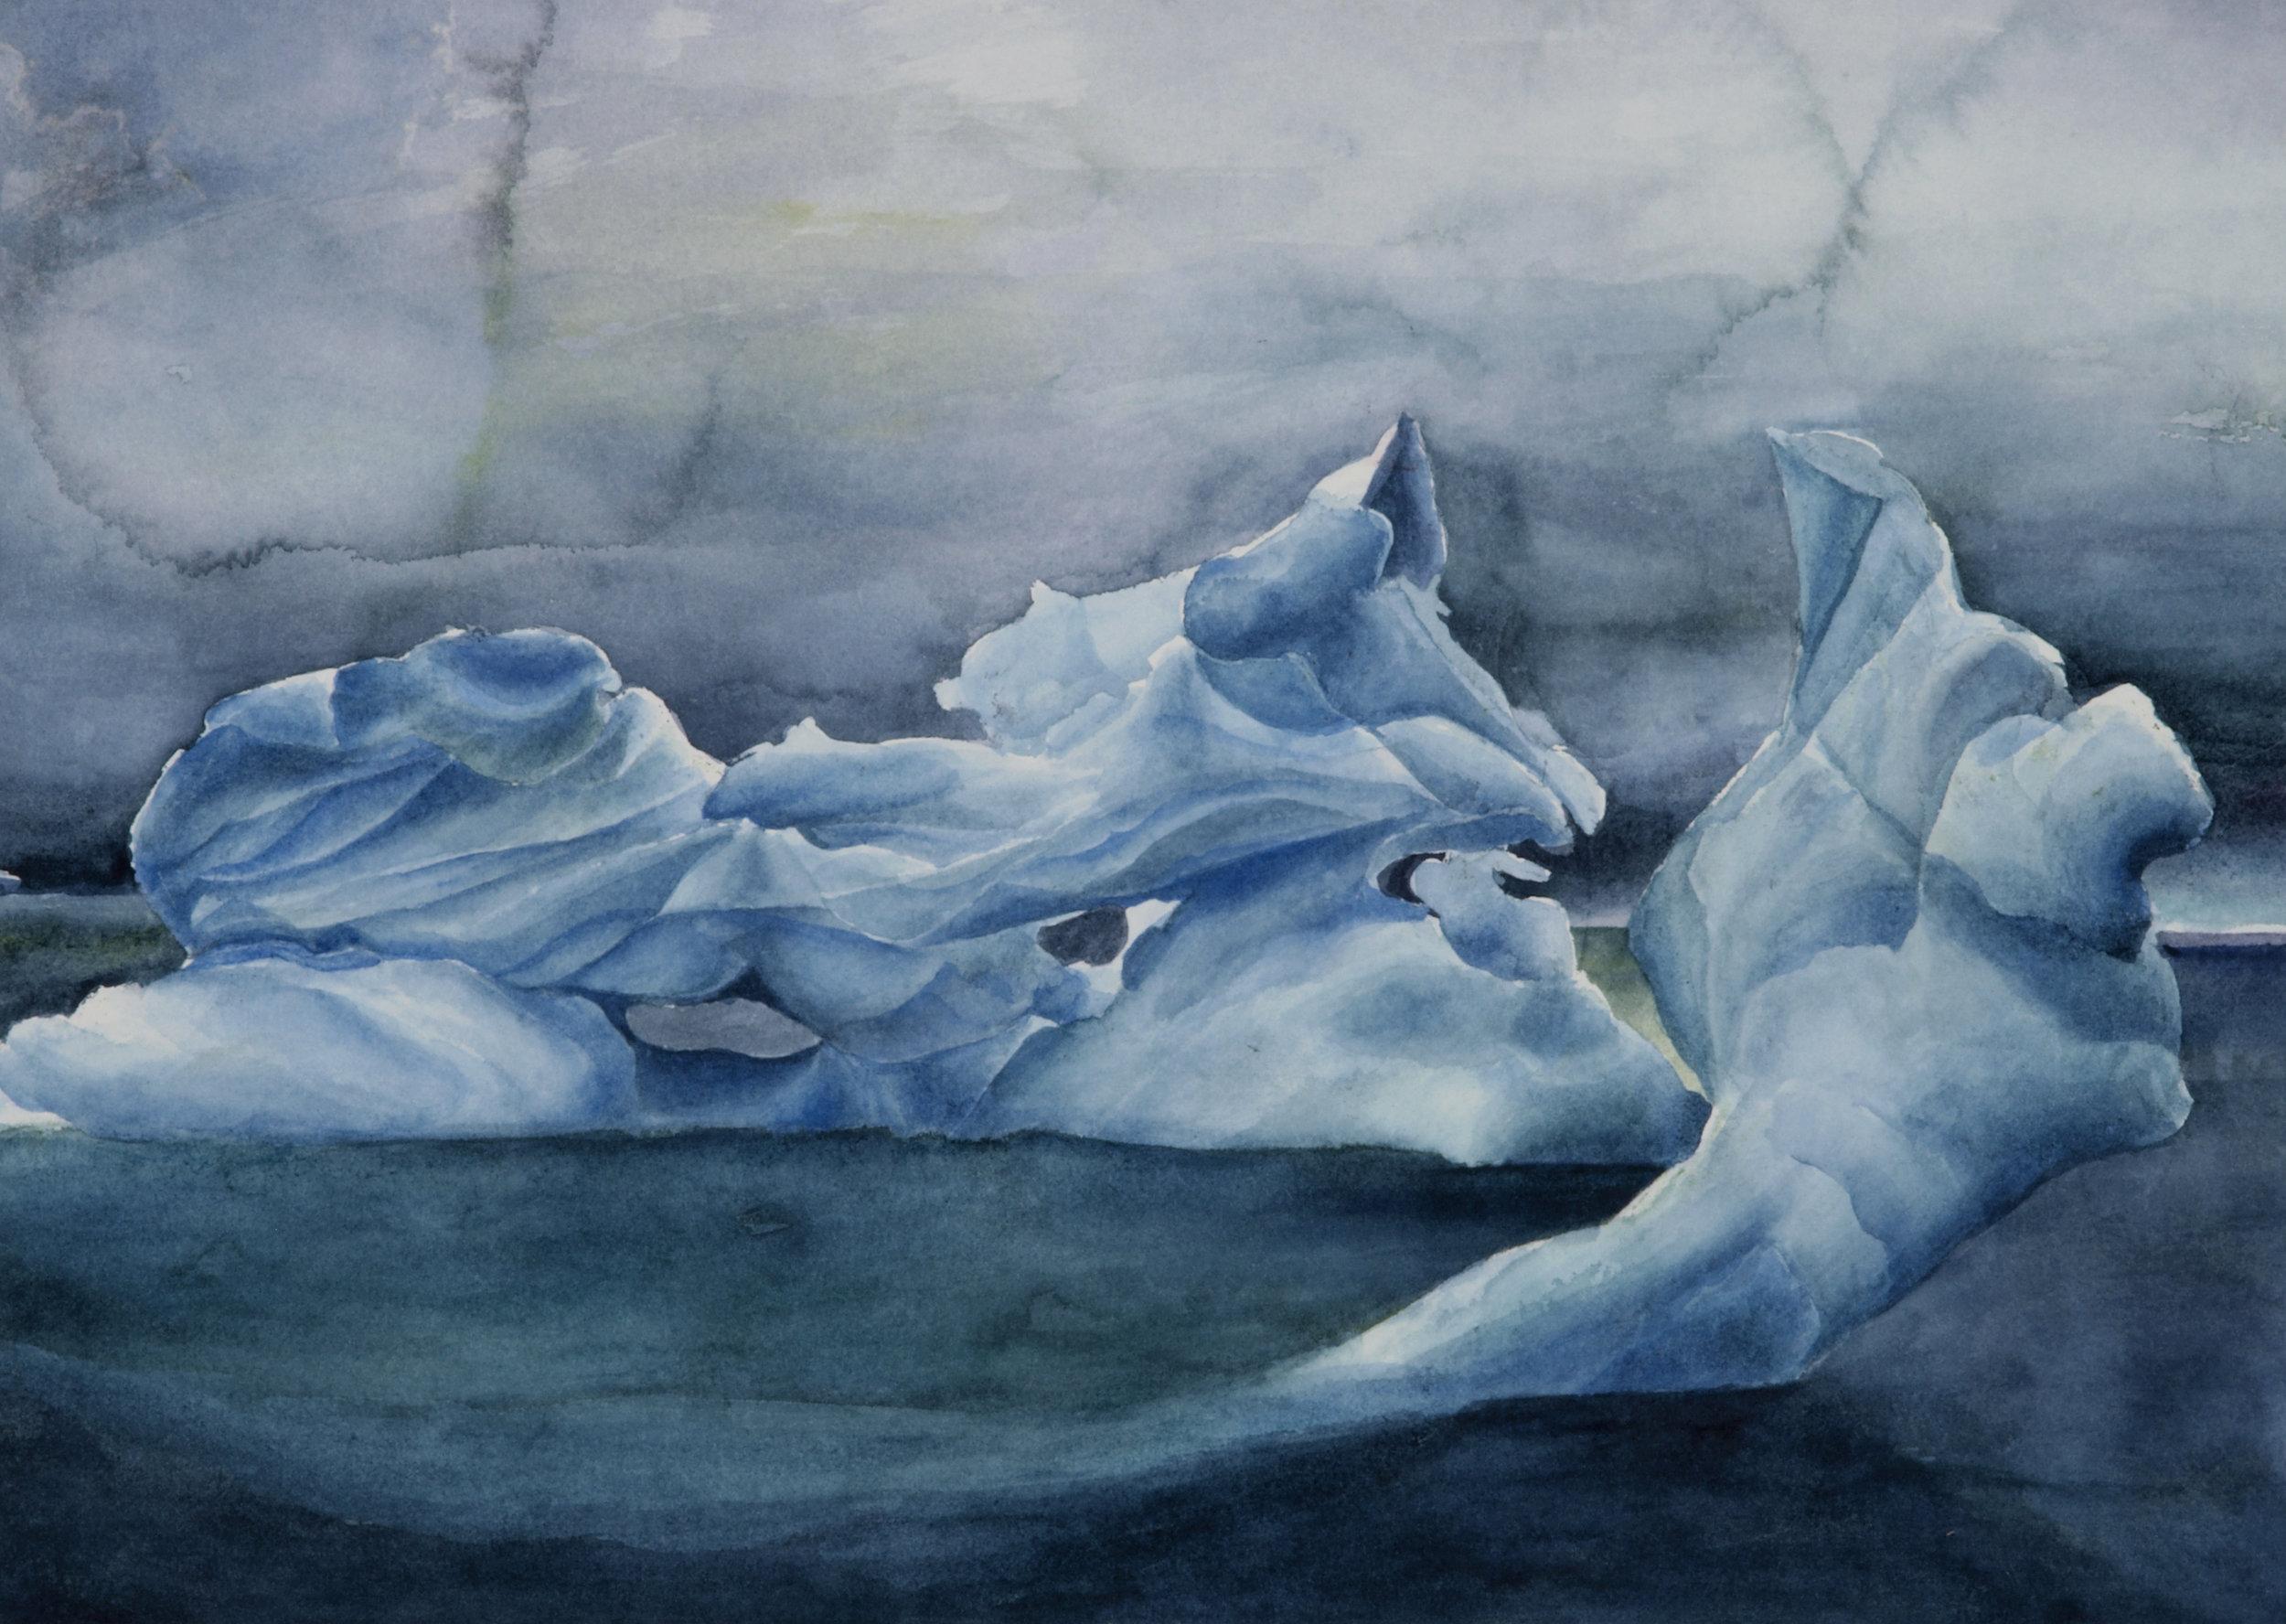 17_iceberg5.jpg